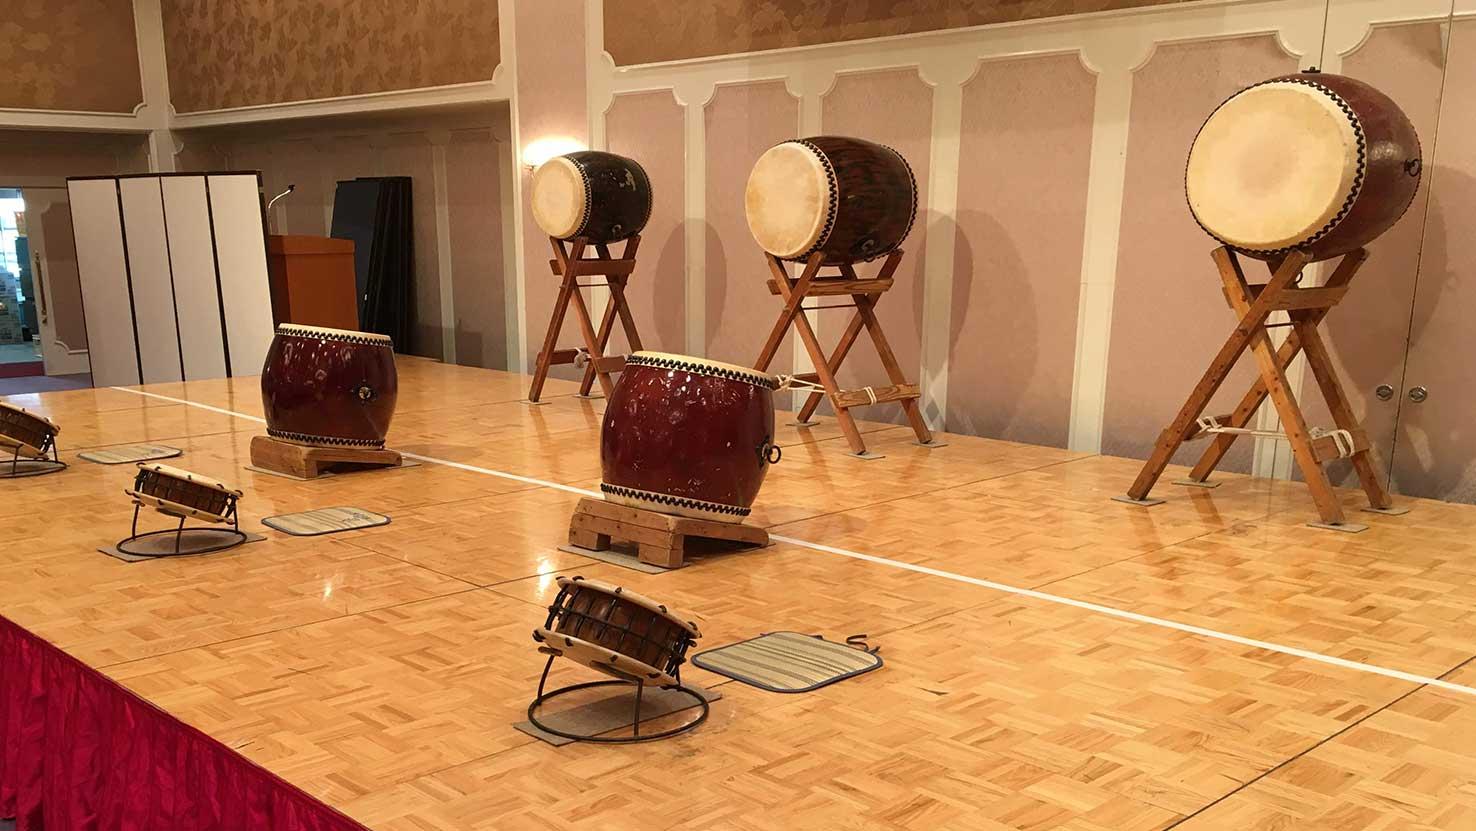 プラザホテル 太鼓の準備